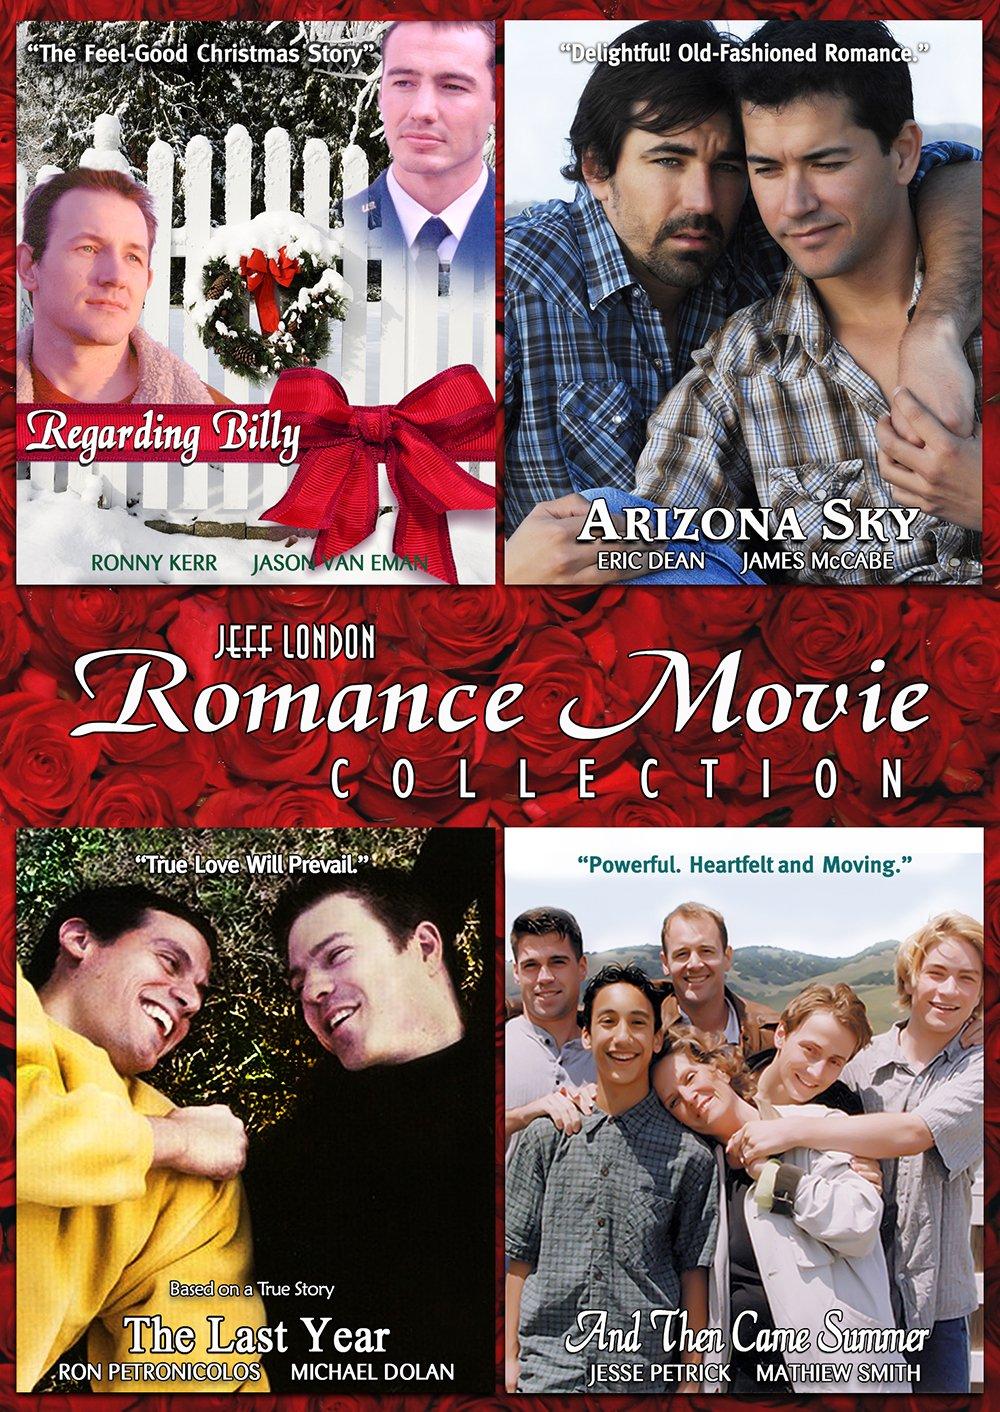 Amazon.com: Jeff London Romance Movie Collection: Ronnie Kerr, Eric Dean,  Ron Petronicolos, Mike Dolan, JF Davis, Jesse Petrick, Bernadette Murray,  ...